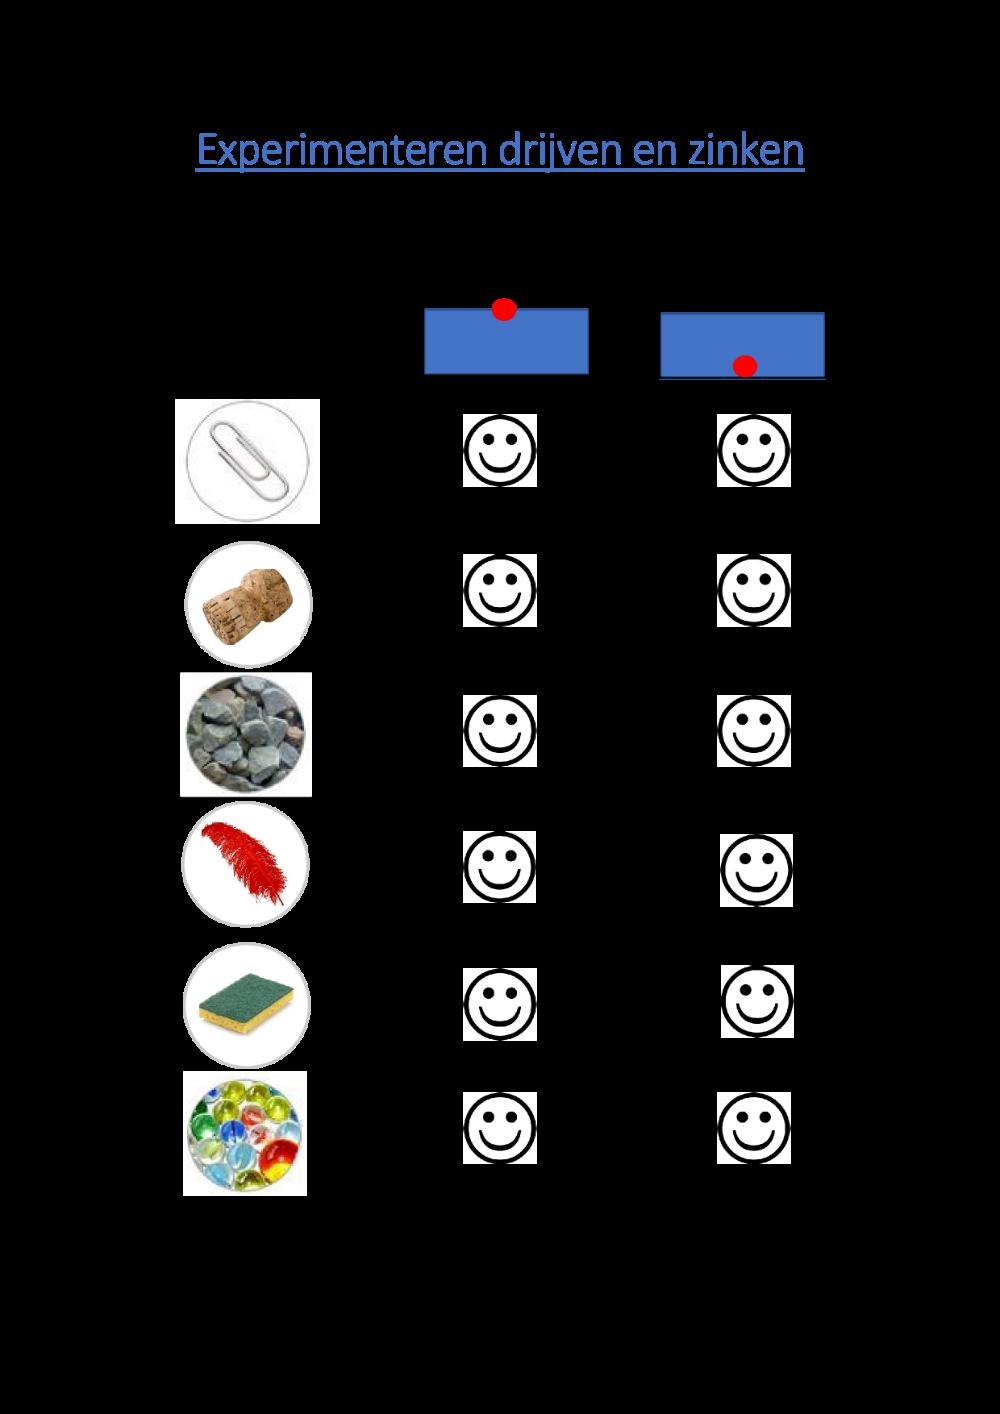 Uitgelezene Drijven en zinken : Werkblad bij de experimenteerbak in 2020 YA-64